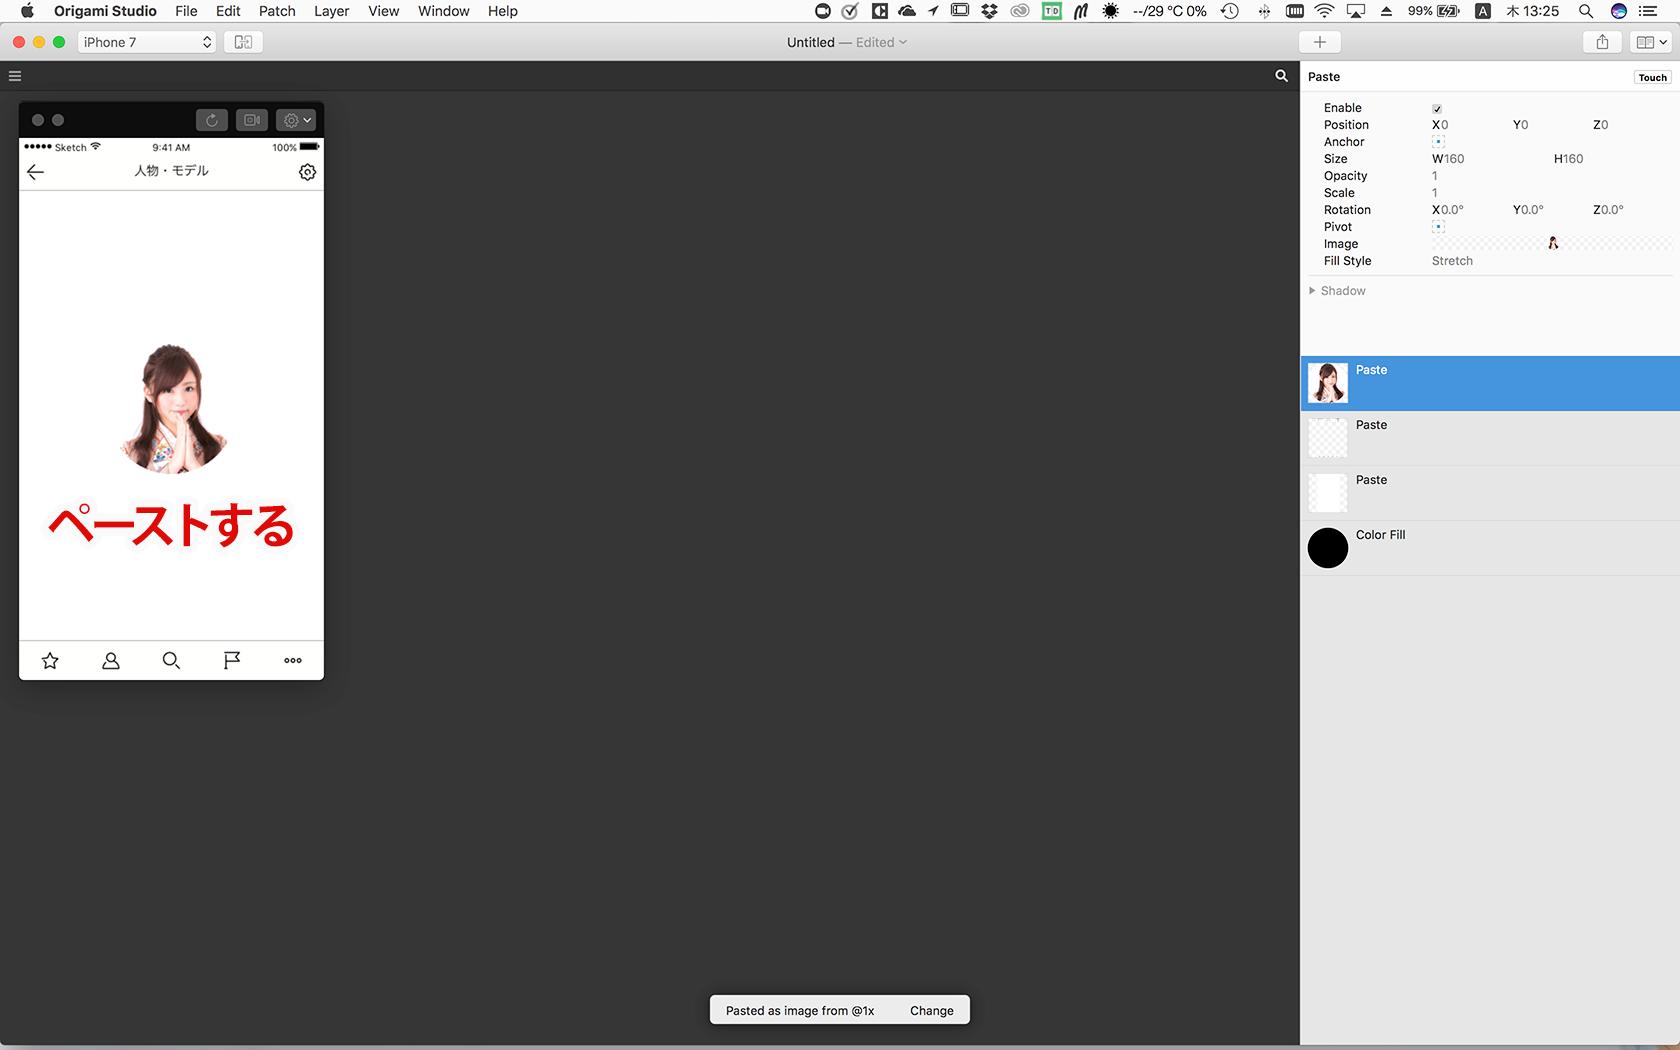 Sketch から Origami Studio にデザインデータをエクスポート&インポート 2